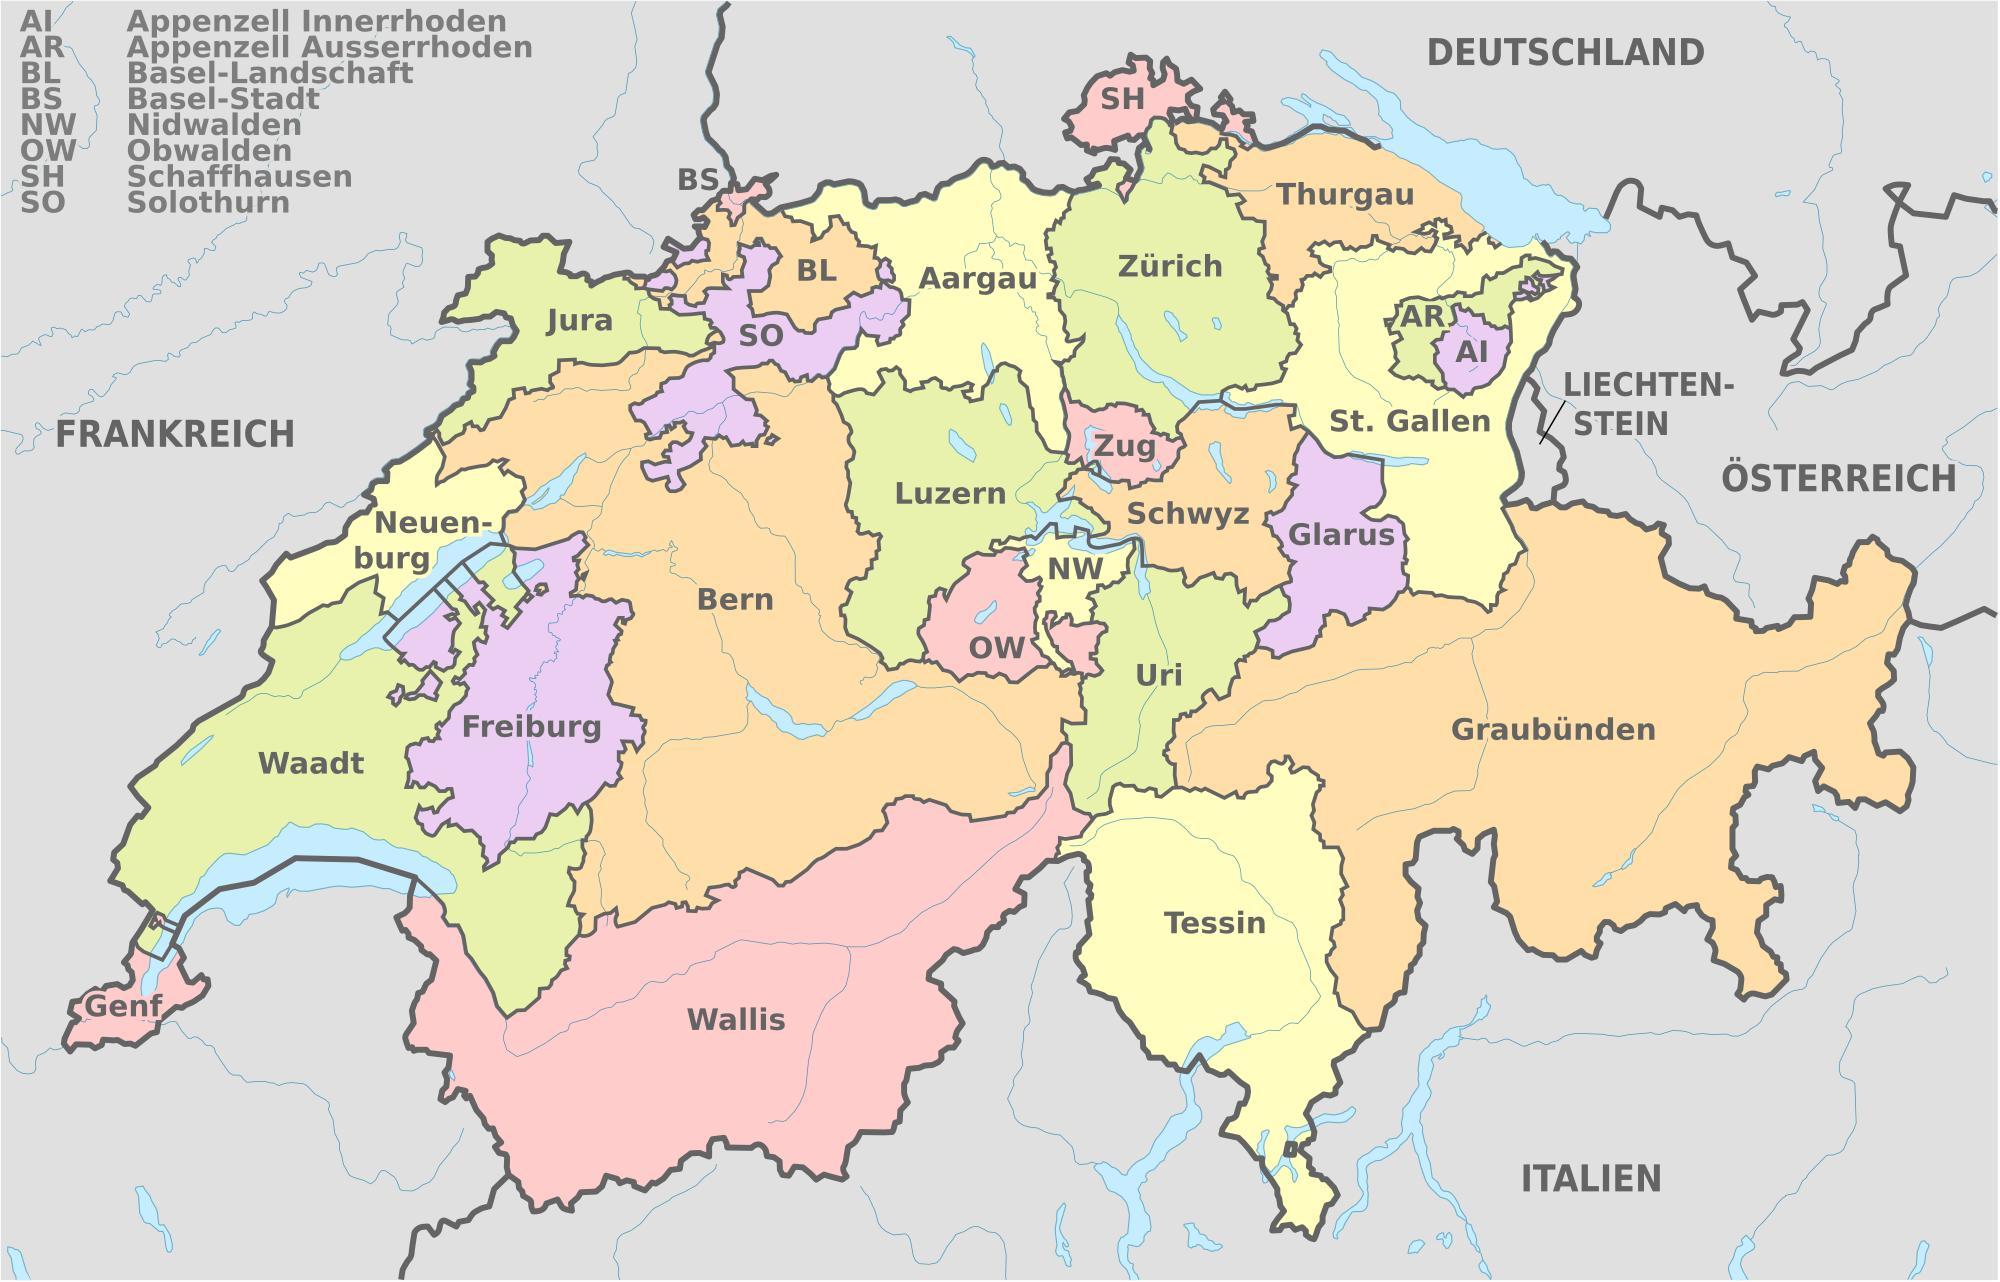 svájc térkép Basel svájc térkép   Basel svájc térképe (Nyugat Európában   Európa)